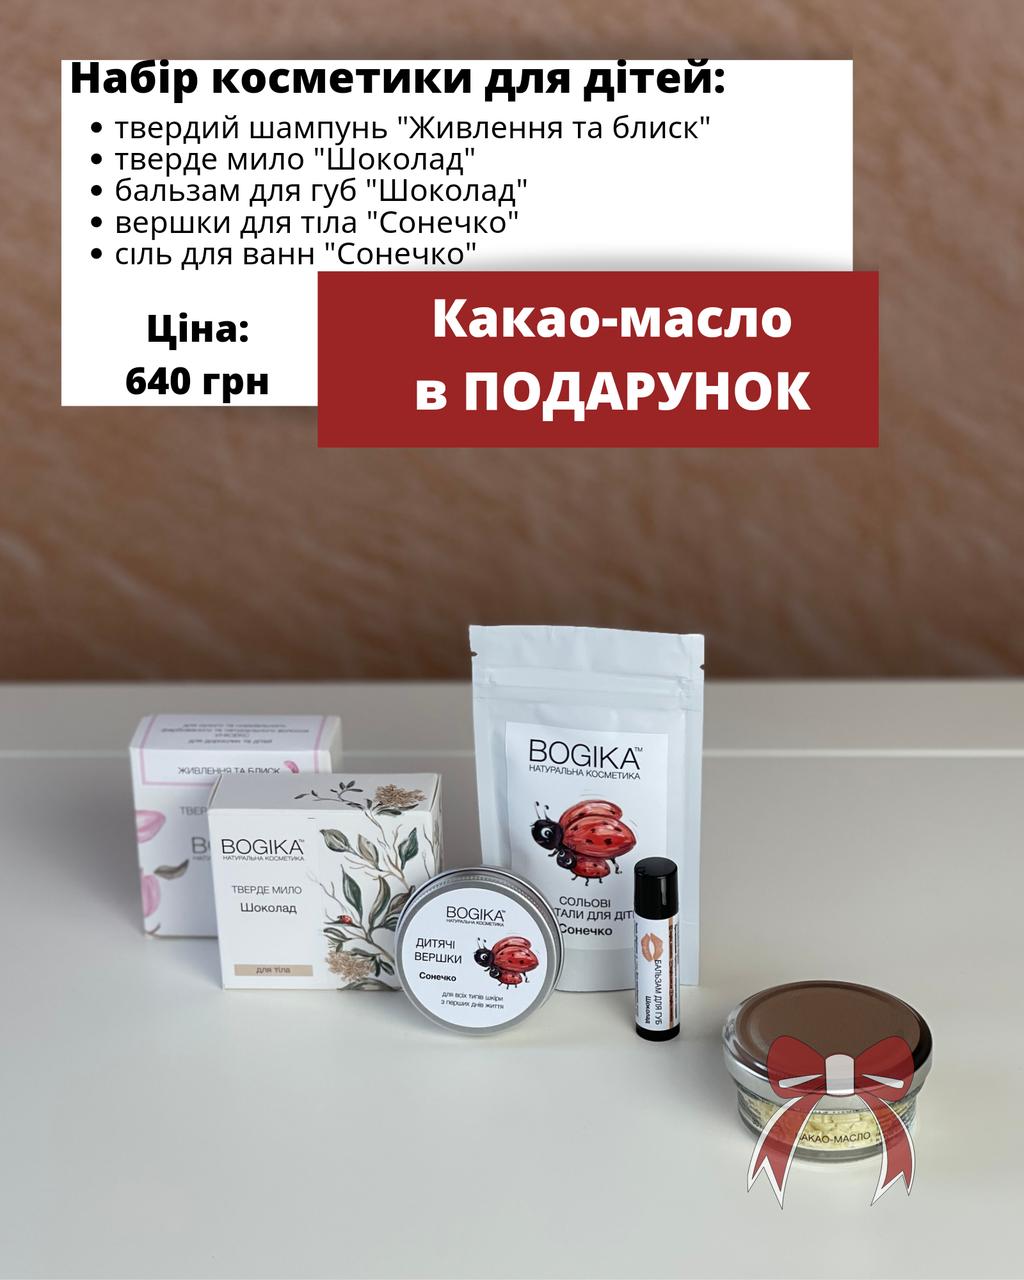 Набір косметики для дітей BOGIKA